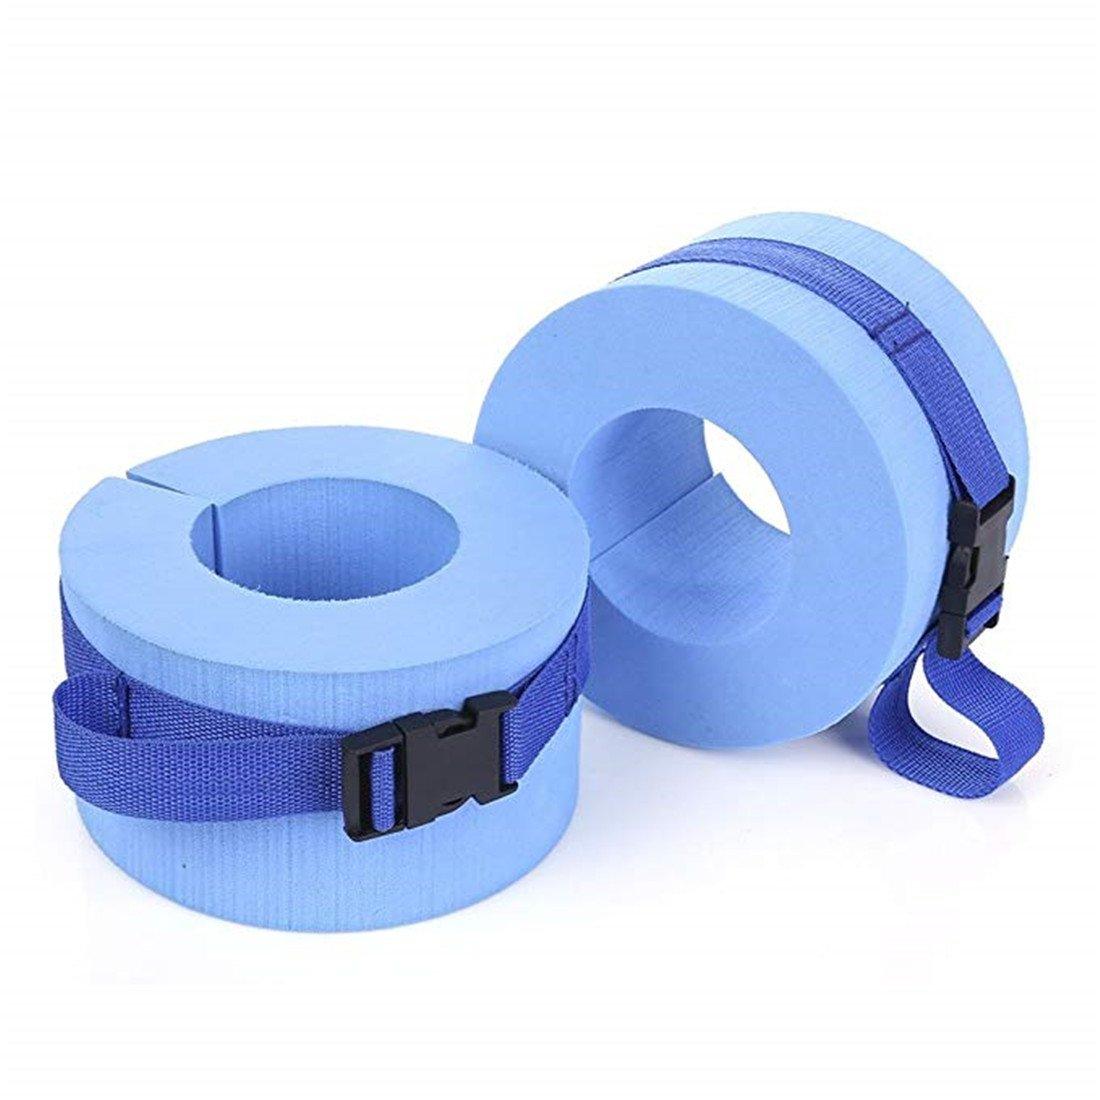 Cinturón de flotación acuática, puños de espuma para natación, puños acuáticos, resistente al agua, aeróbicos, flotador, ejercicio, ejercicio, tobillos, ...